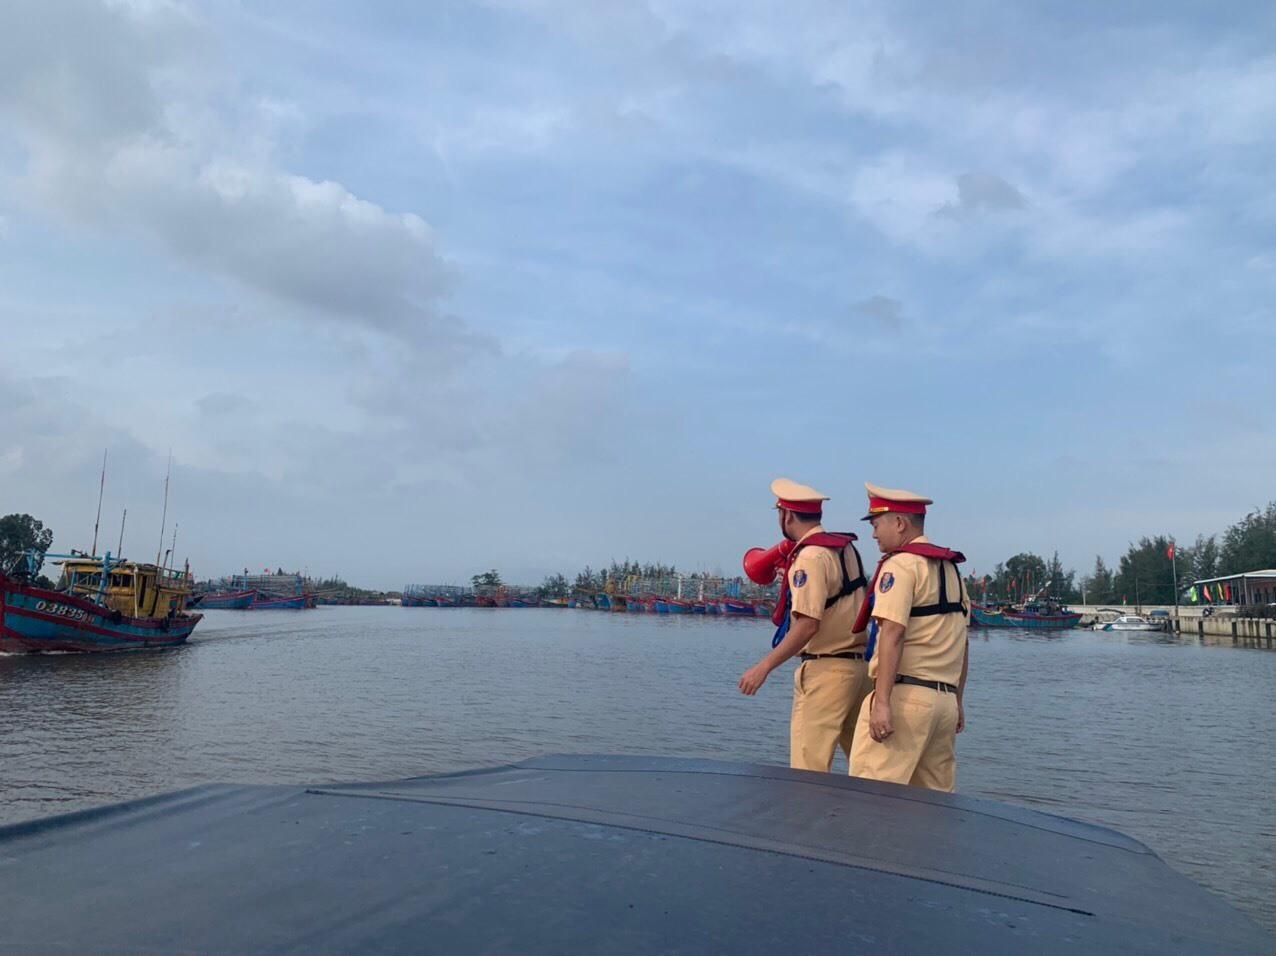 Canô của đơn vị tuần tra, liên tục phát các thông tin khuyến cáo cho ngư dân. Ảnh: T.C